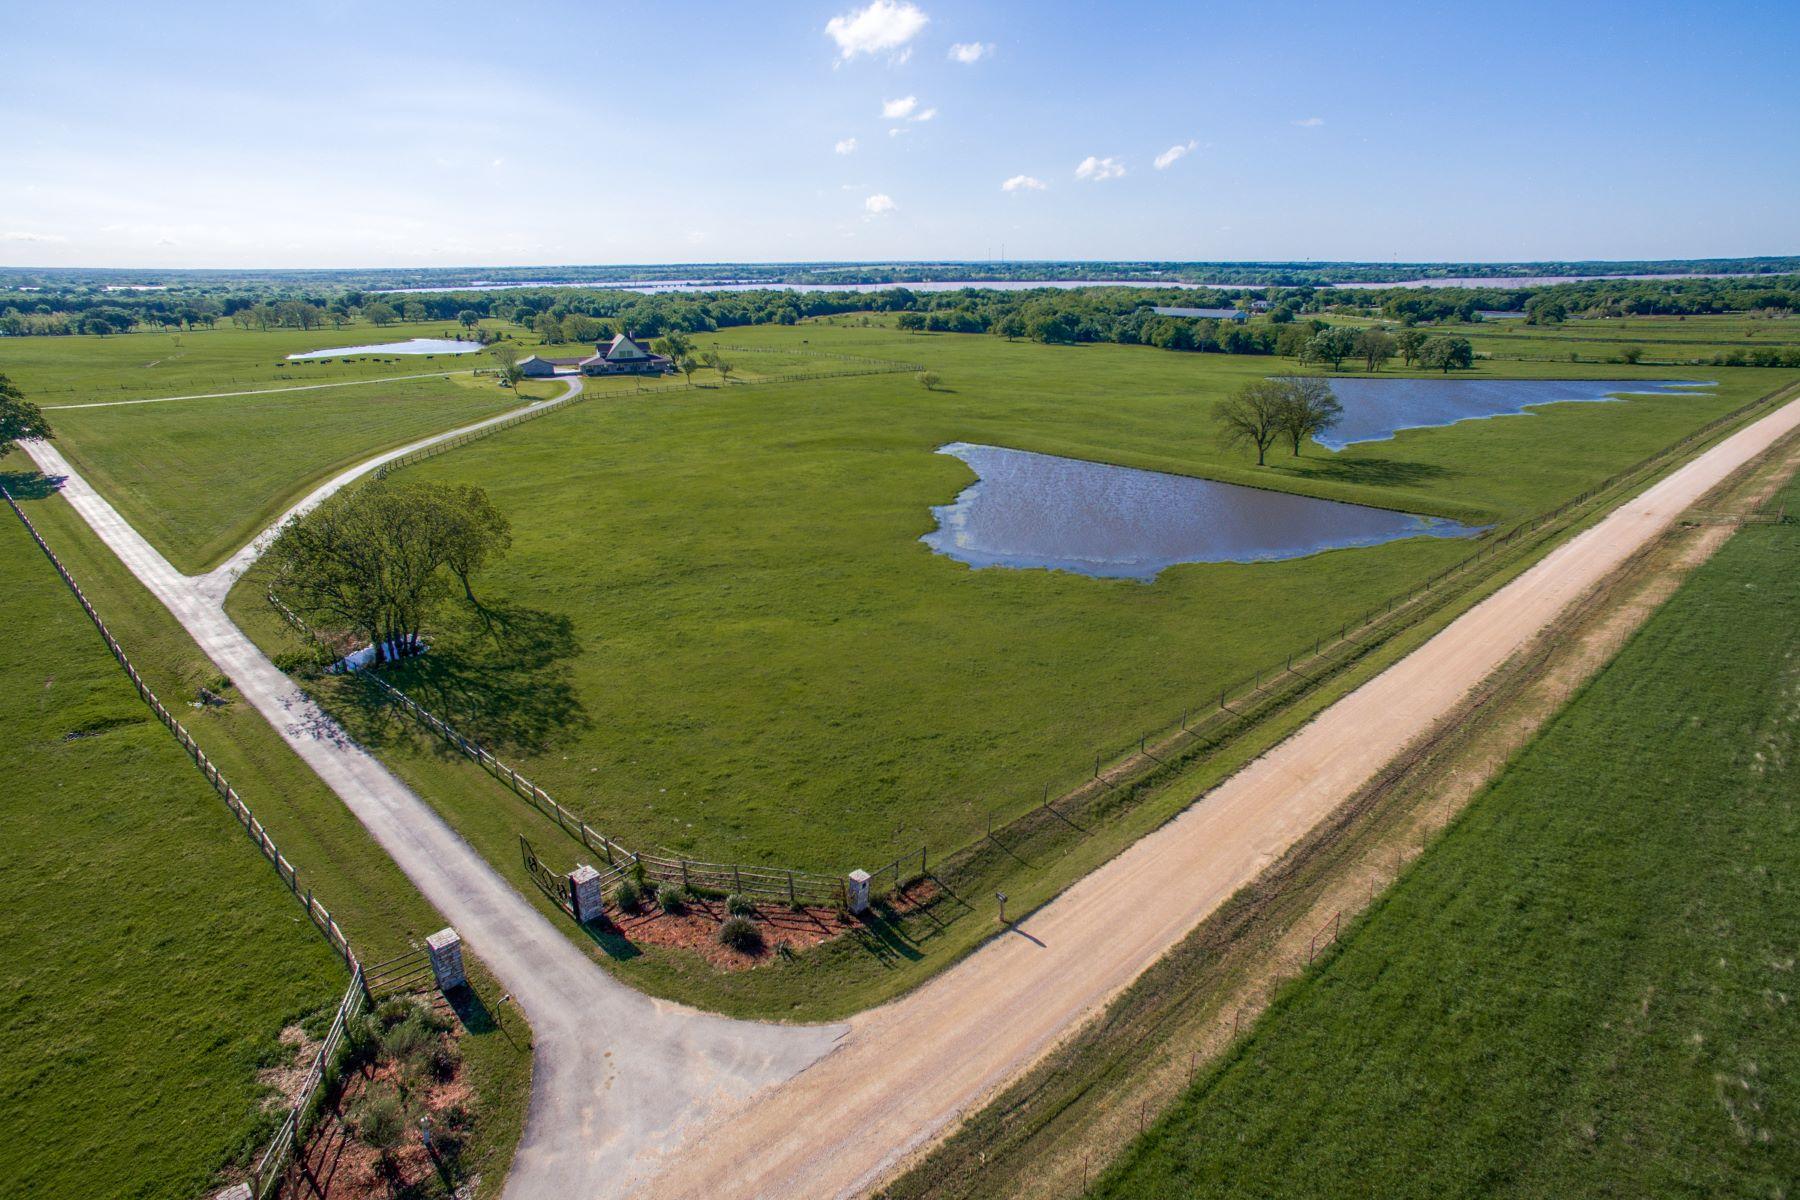 农场 / 牧场 / 种植园 为 销售 在 Ray Roberts Ranch 211 Acres 360 Pop Noah Road Collinsville, 得克萨斯州 76233 美国